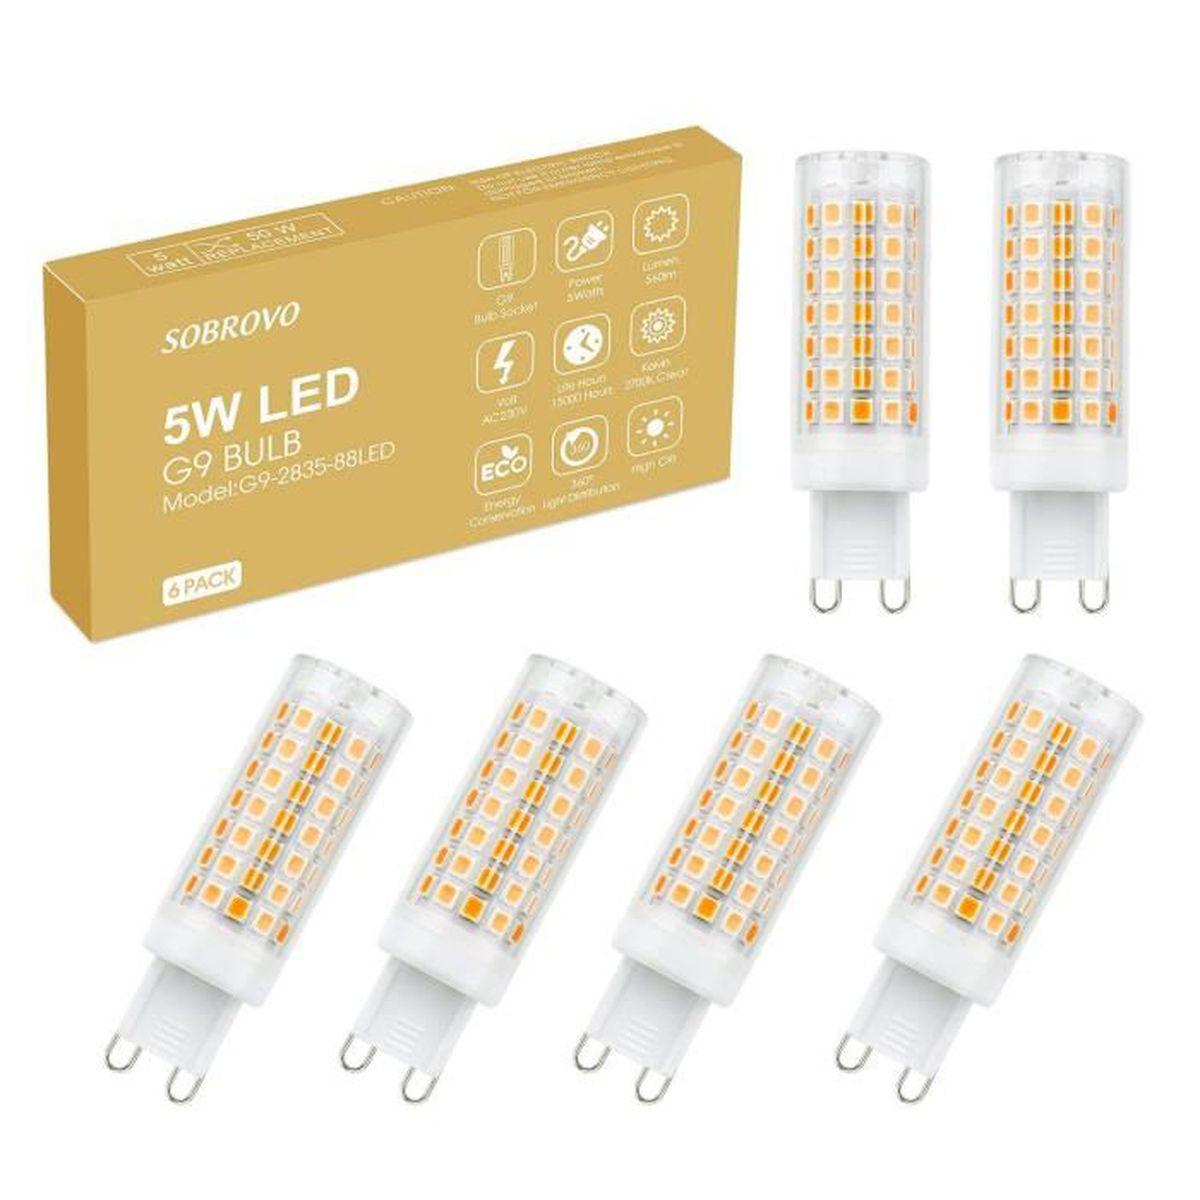 Mes Ampoules Led Scintillent g9 ampoules led, 6-pack 5w ampoules à économie d'énergie